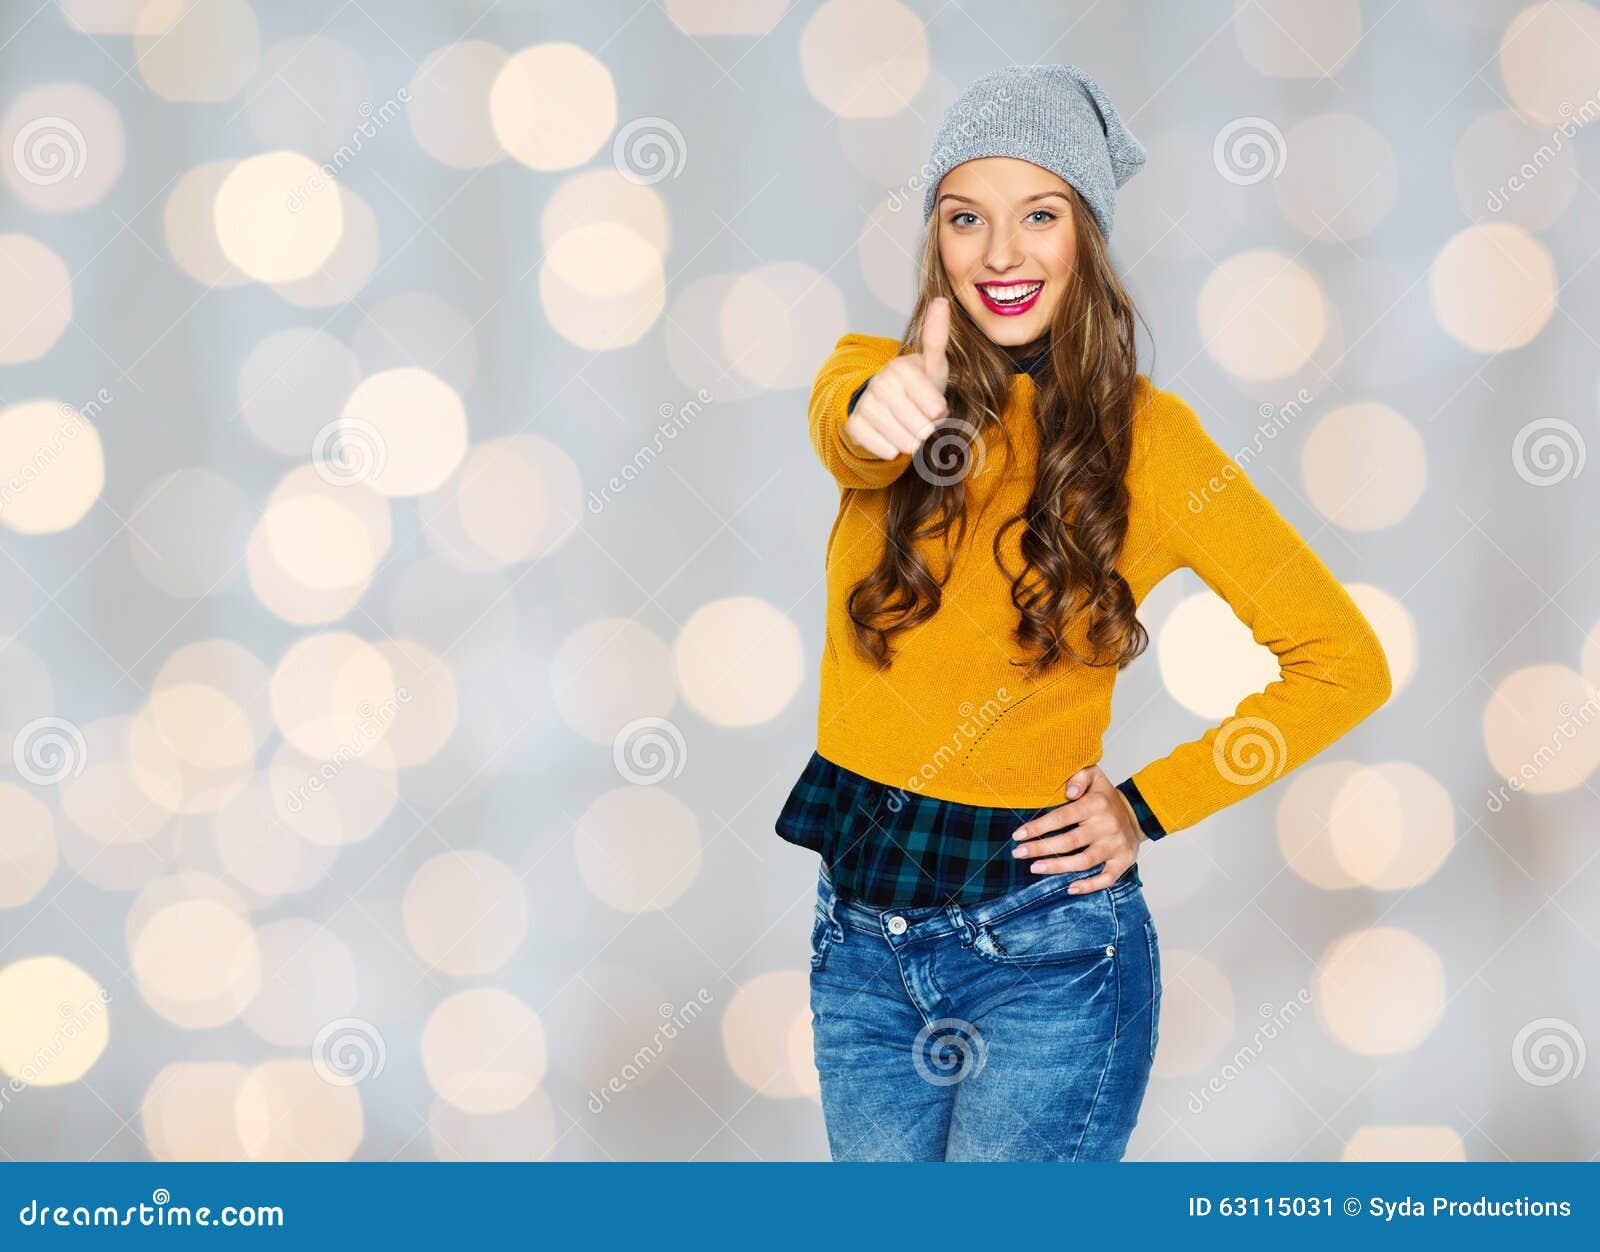 Jovem Mulher Feliz Ou Menina Adolescente Que Mostram Os Polegares Acima Imagem De Stock